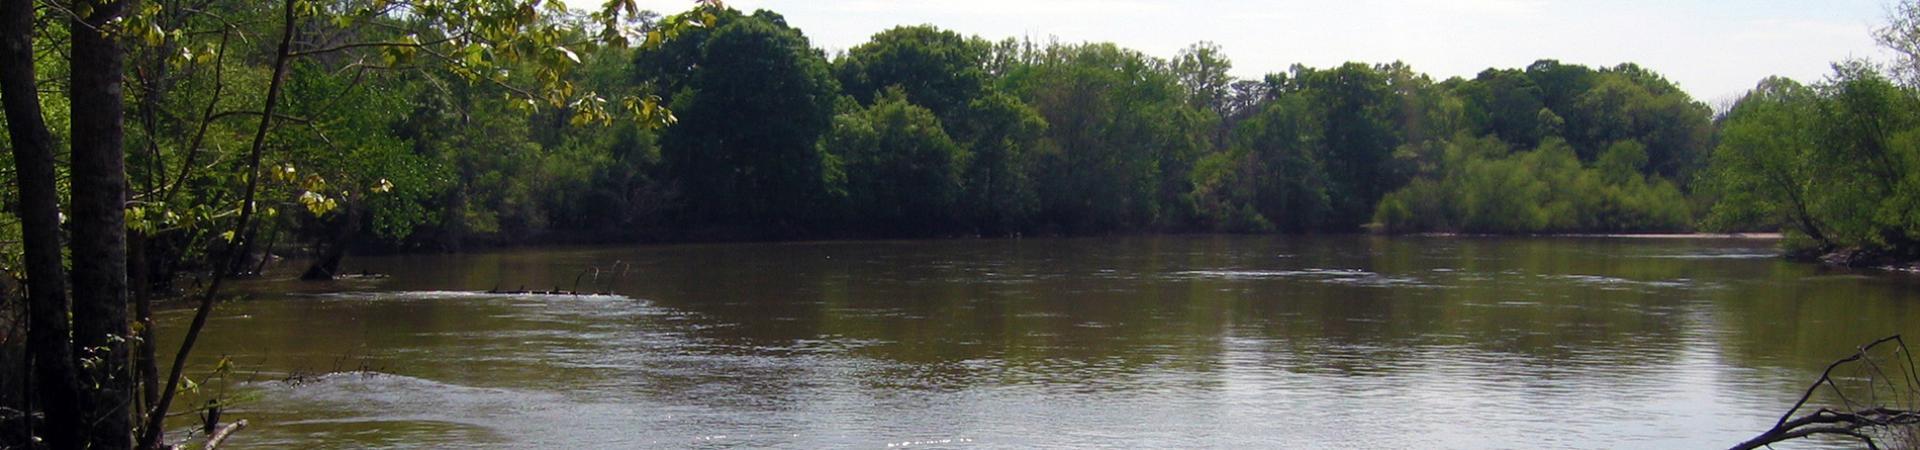 Flat Tub Pond